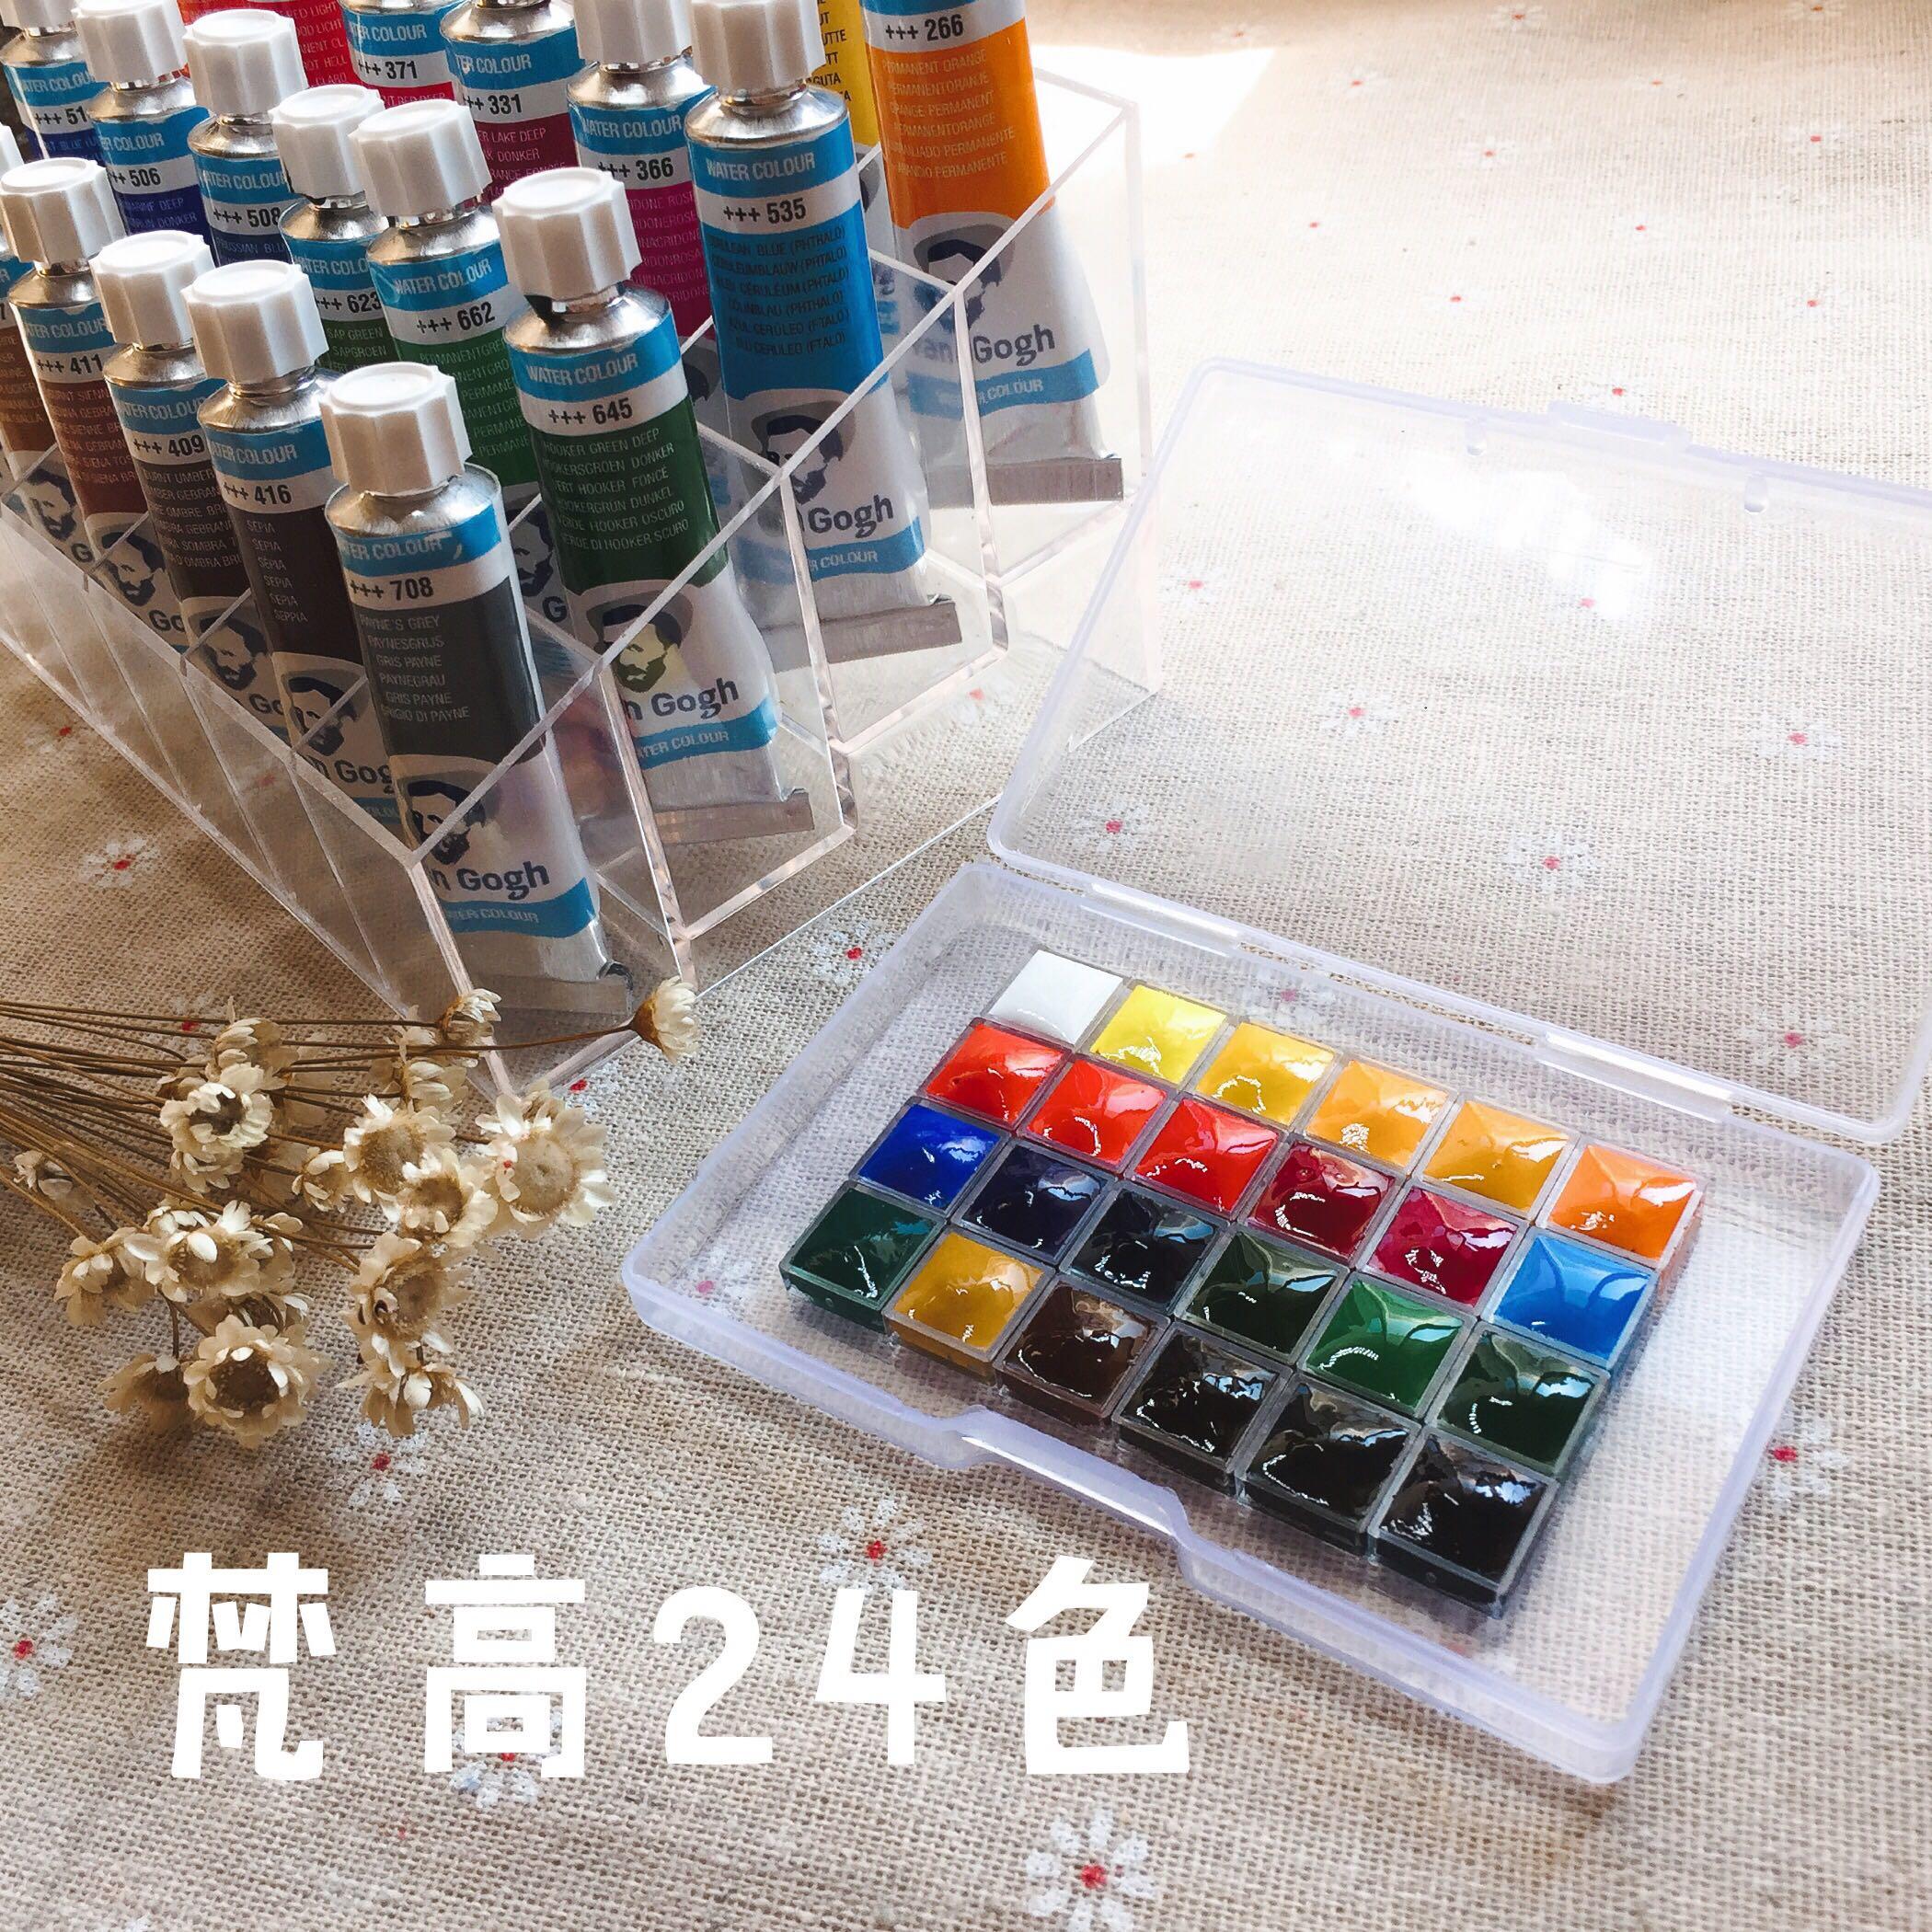 Акварельная краска Van Gogh из Нидерландов, краска для акварели, принадлежности для акварели, 24 цвета, акварель